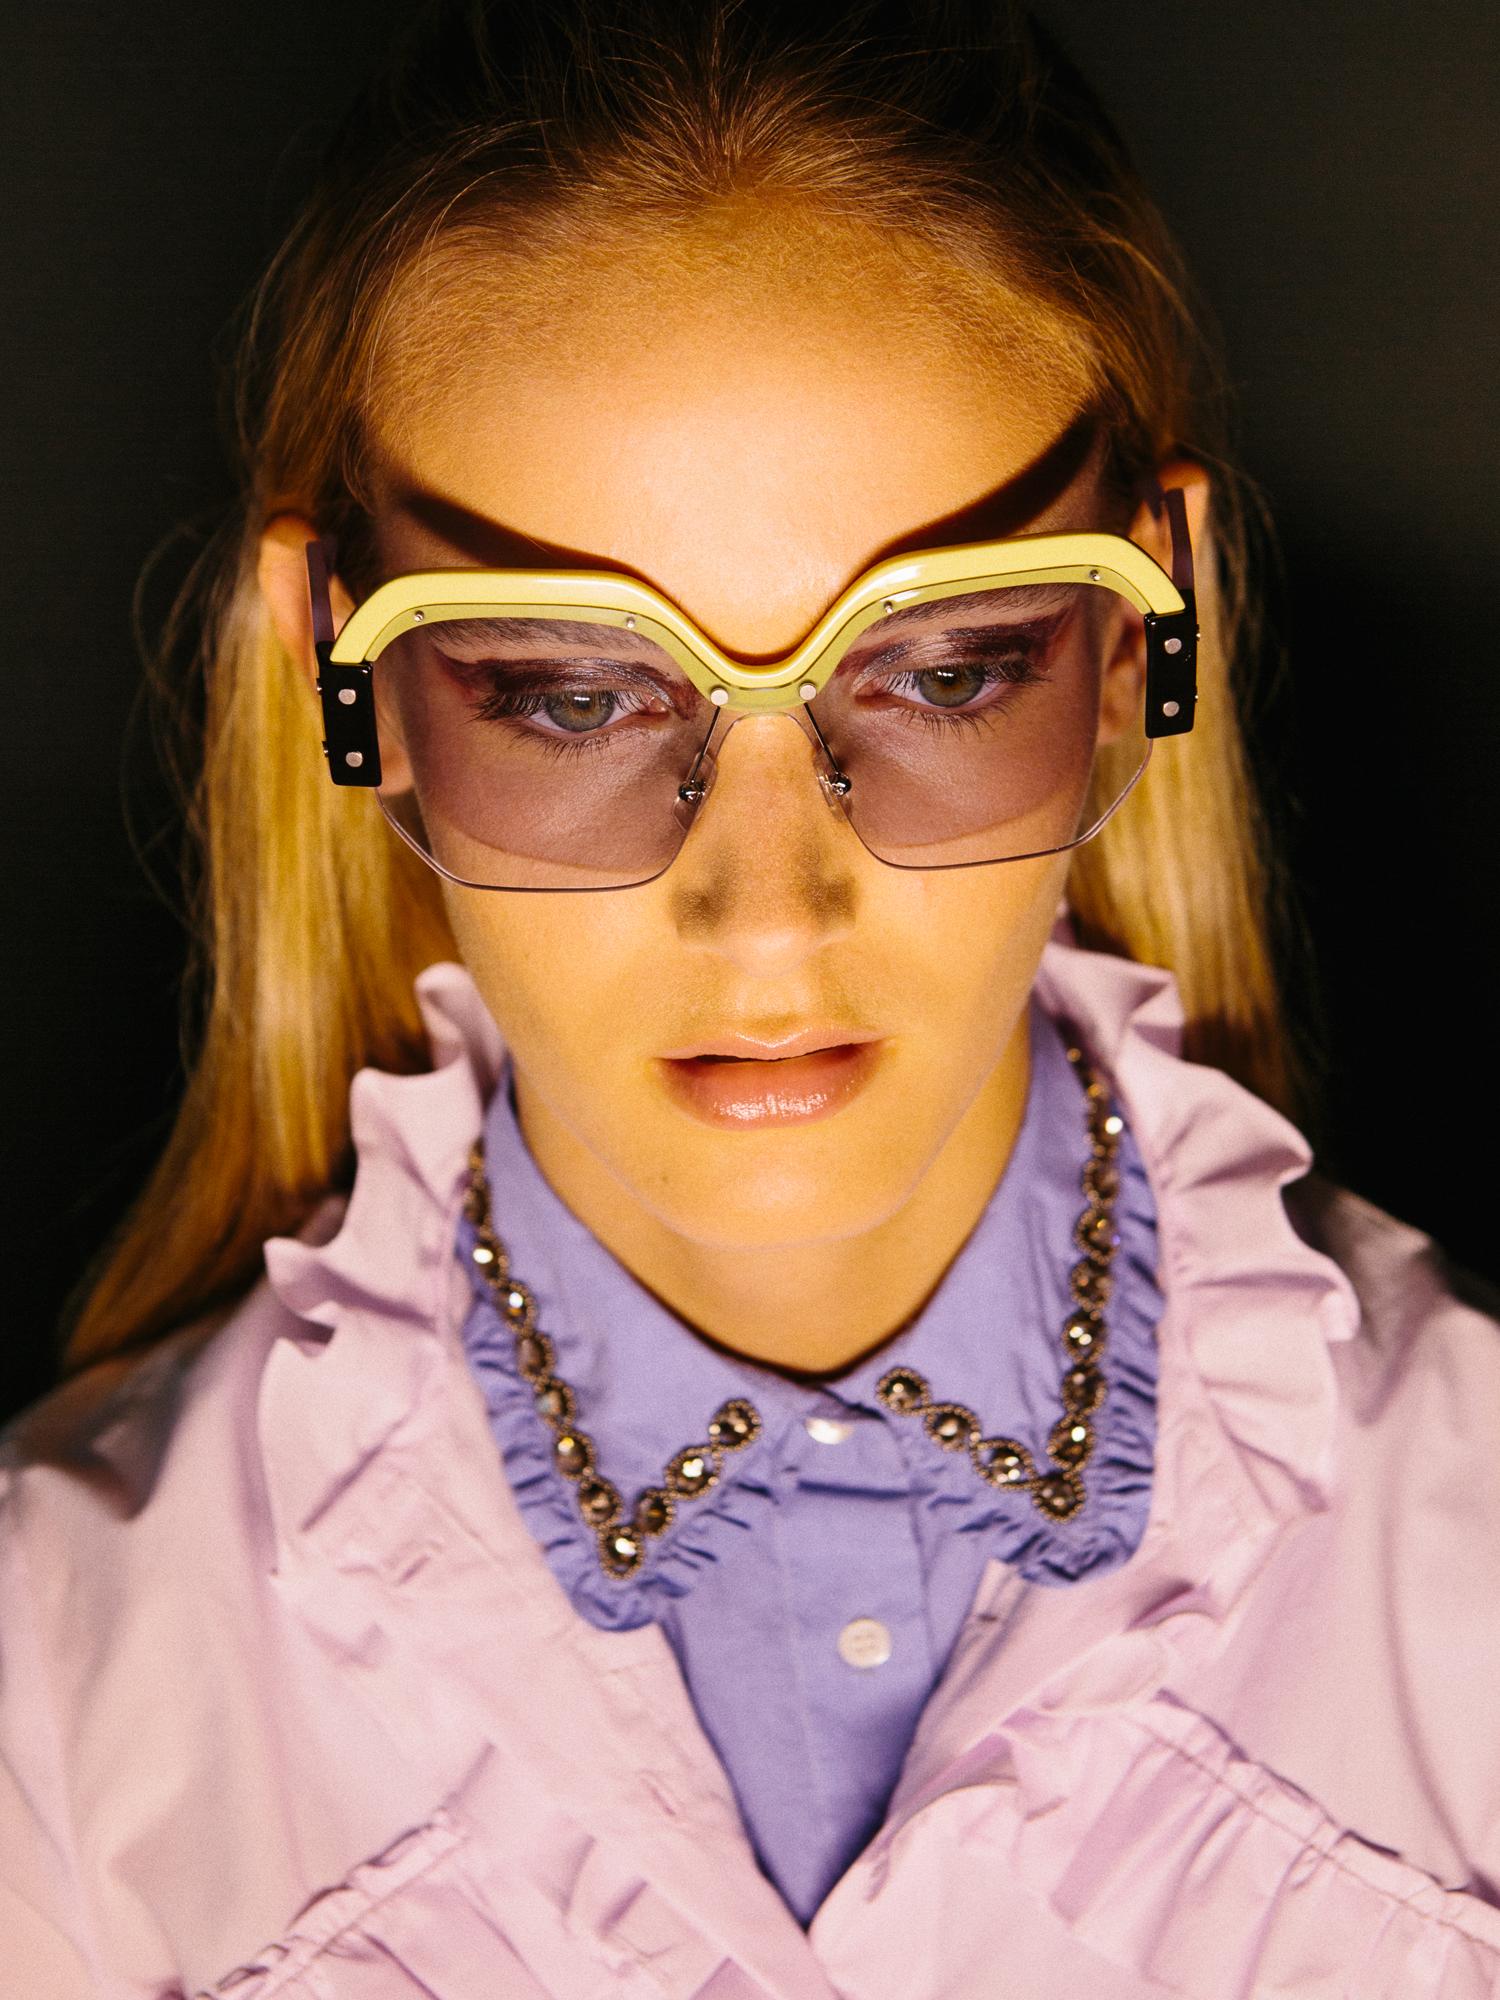 shirt SANDRO, neck ESSENTIEL, sunglasses MIU MIU